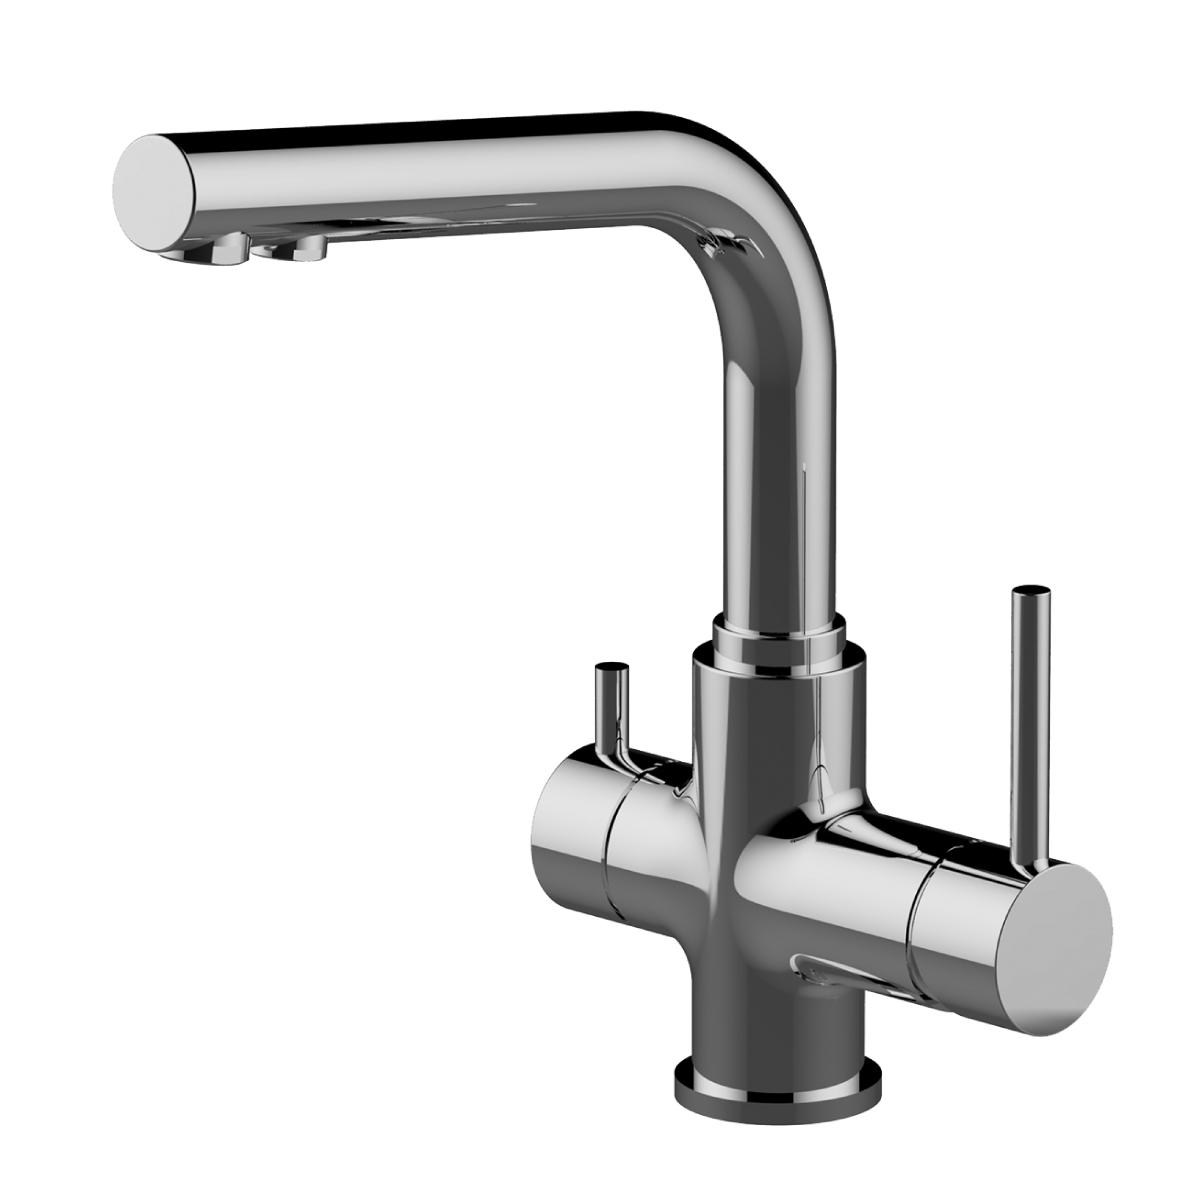 Смес кухня 40мм LEMARK 3061C Комфорт,с подключ к фильтру для питьевой воды, хром